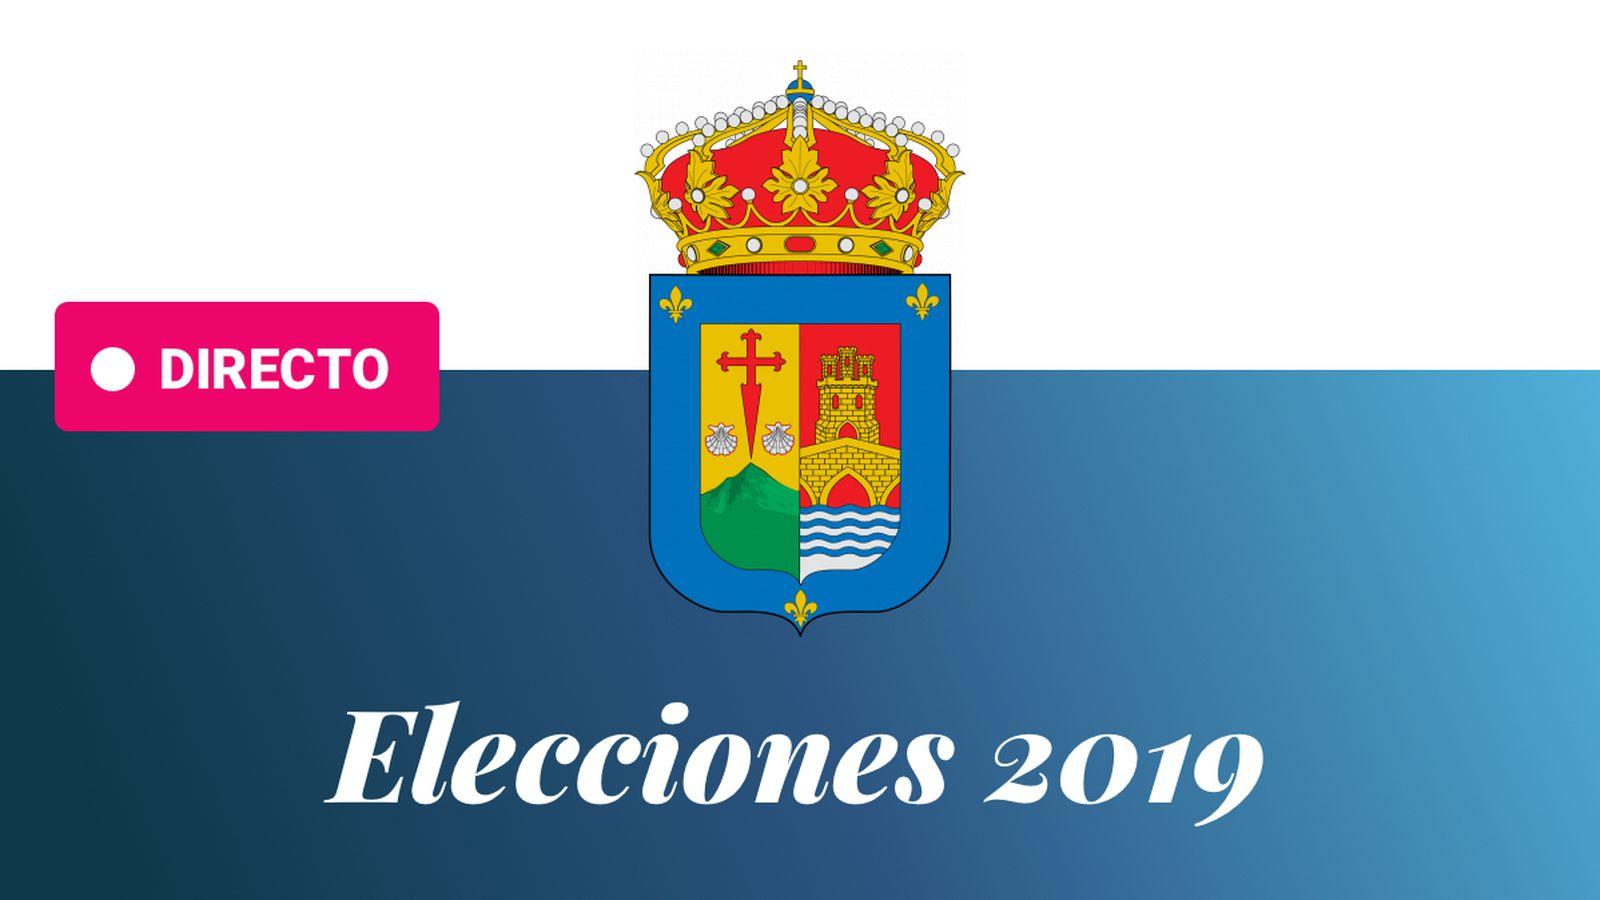 Foto: Elecciones generales 2019 en la provincia de La Rioja. (C.C./SanchoPanzaXXI)